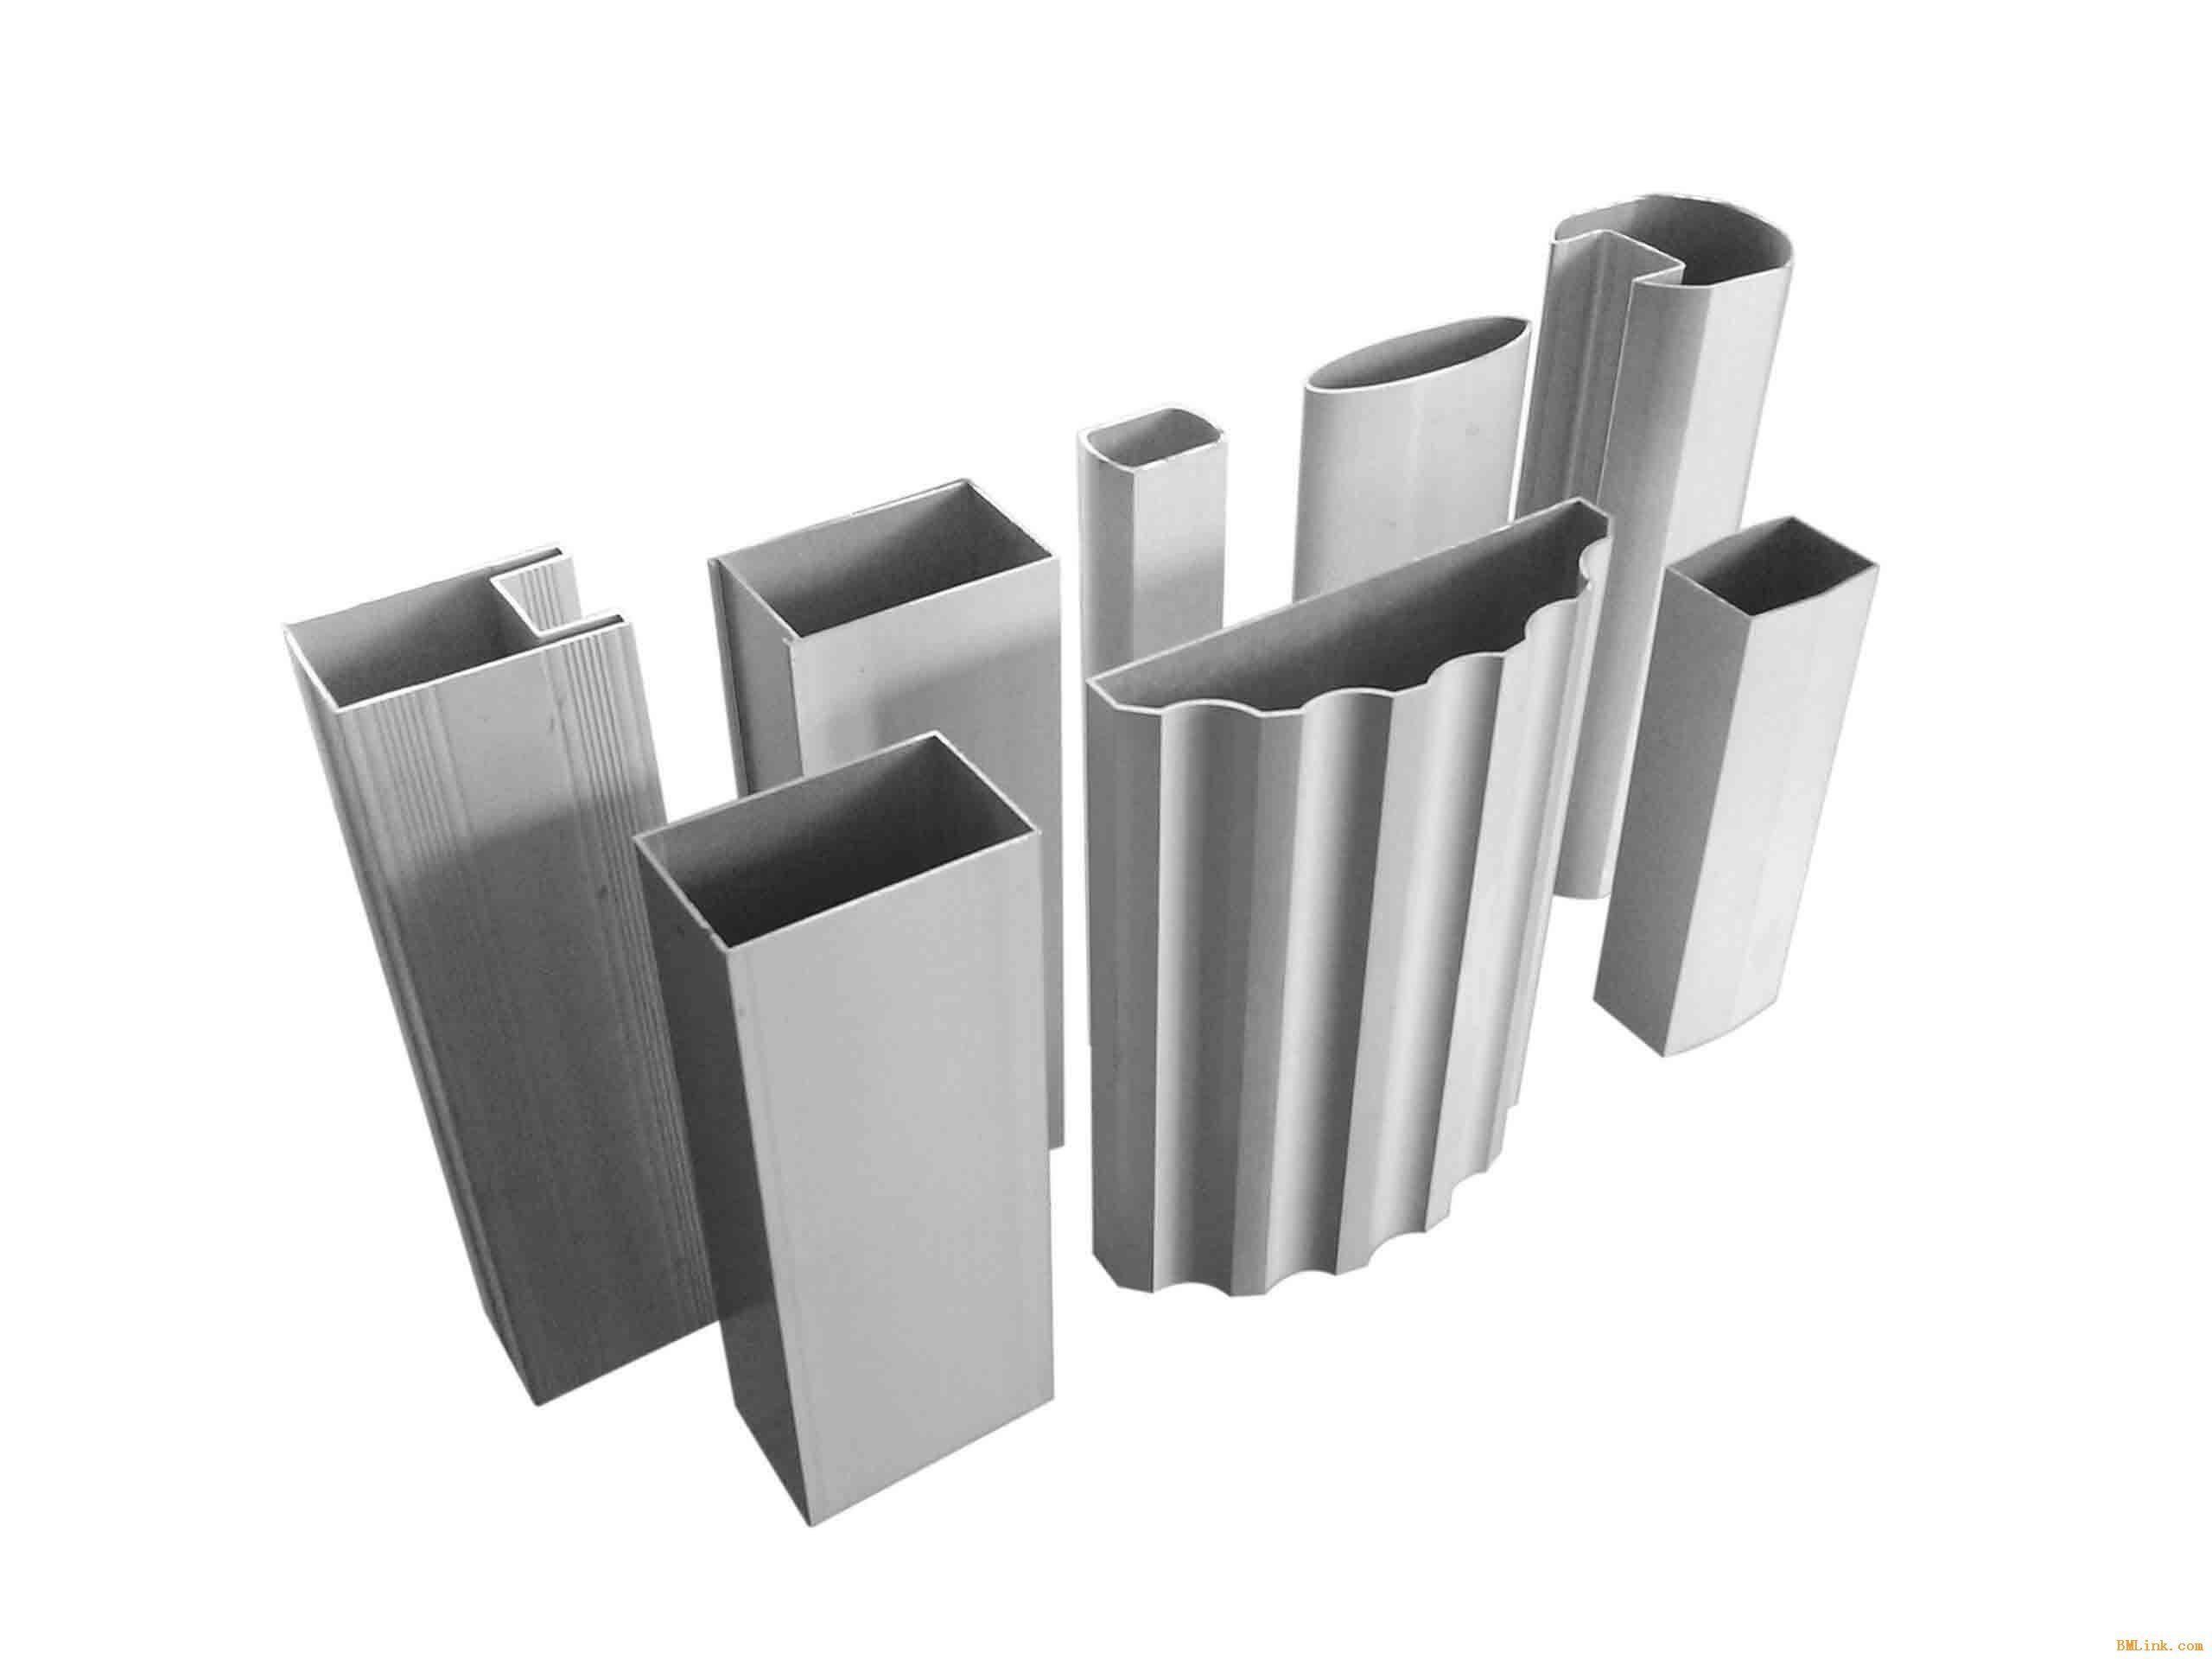 aluminum tubing d shaped aluminum tubing. Black Bedroom Furniture Sets. Home Design Ideas